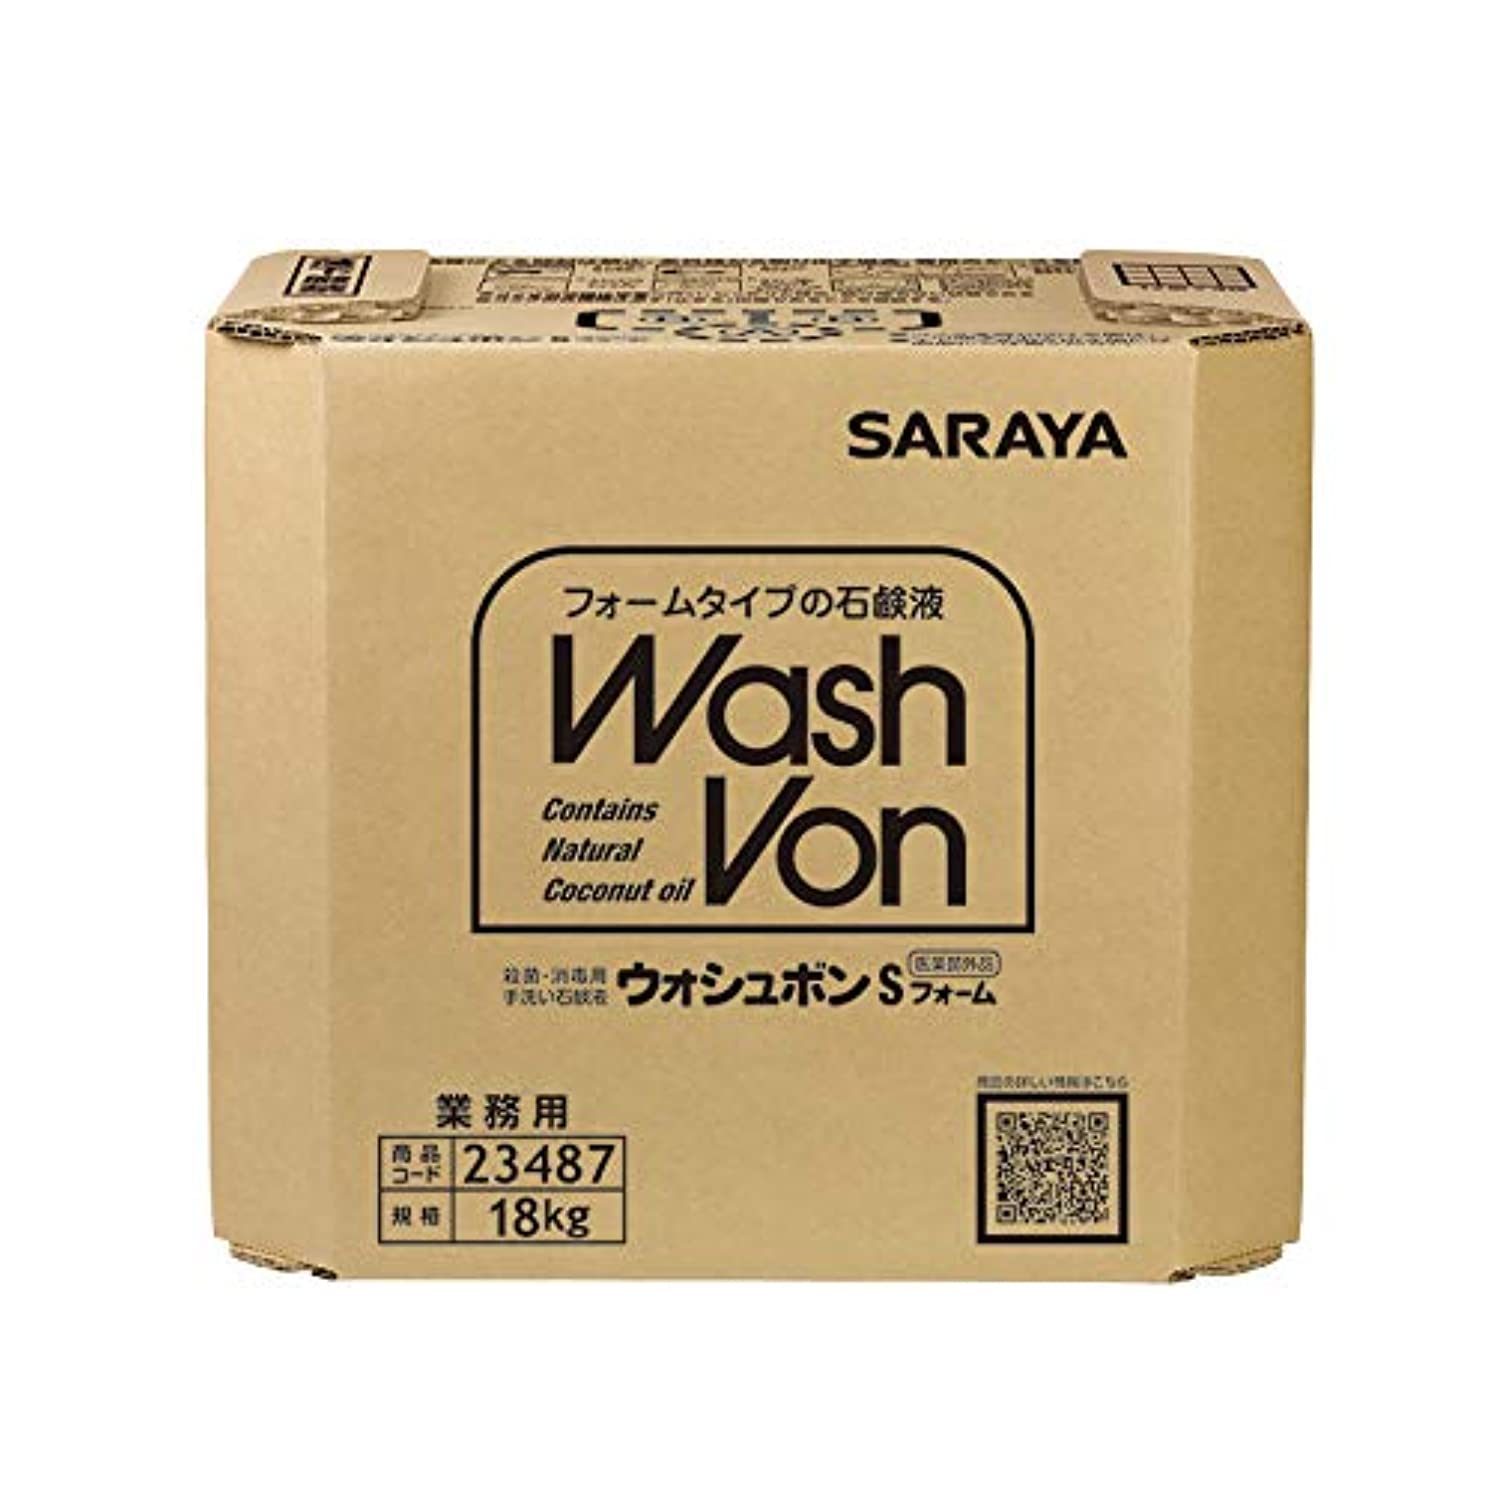 同盟ティッシュ責めるサラヤ ウォシュボン Sフォーム 18kg 23487 (コック付き)